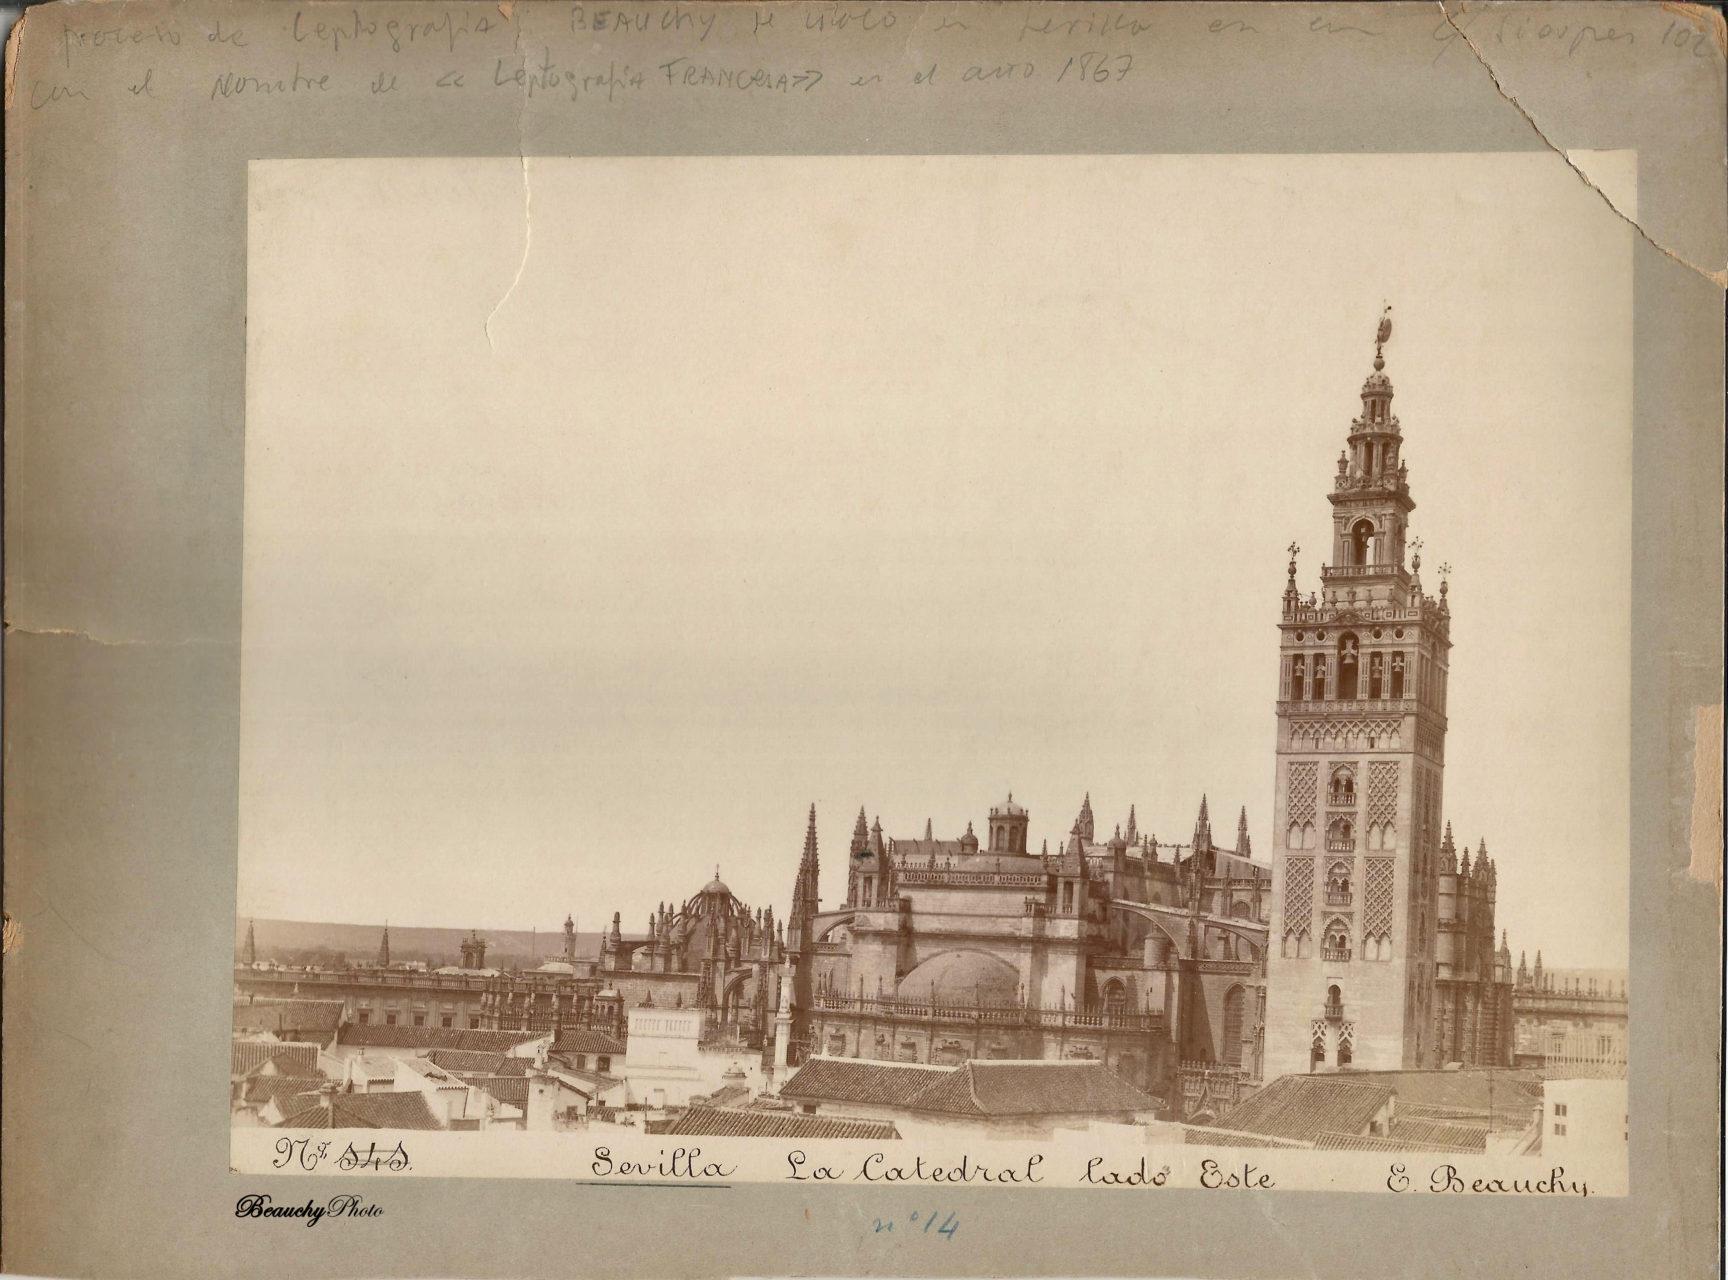 Beauchyphoto_La_Catedral_lado_Este_Sevilla_Emilio_Beauchy_Cano_fotografias_antiguas_postales_vistas_y_monumentos